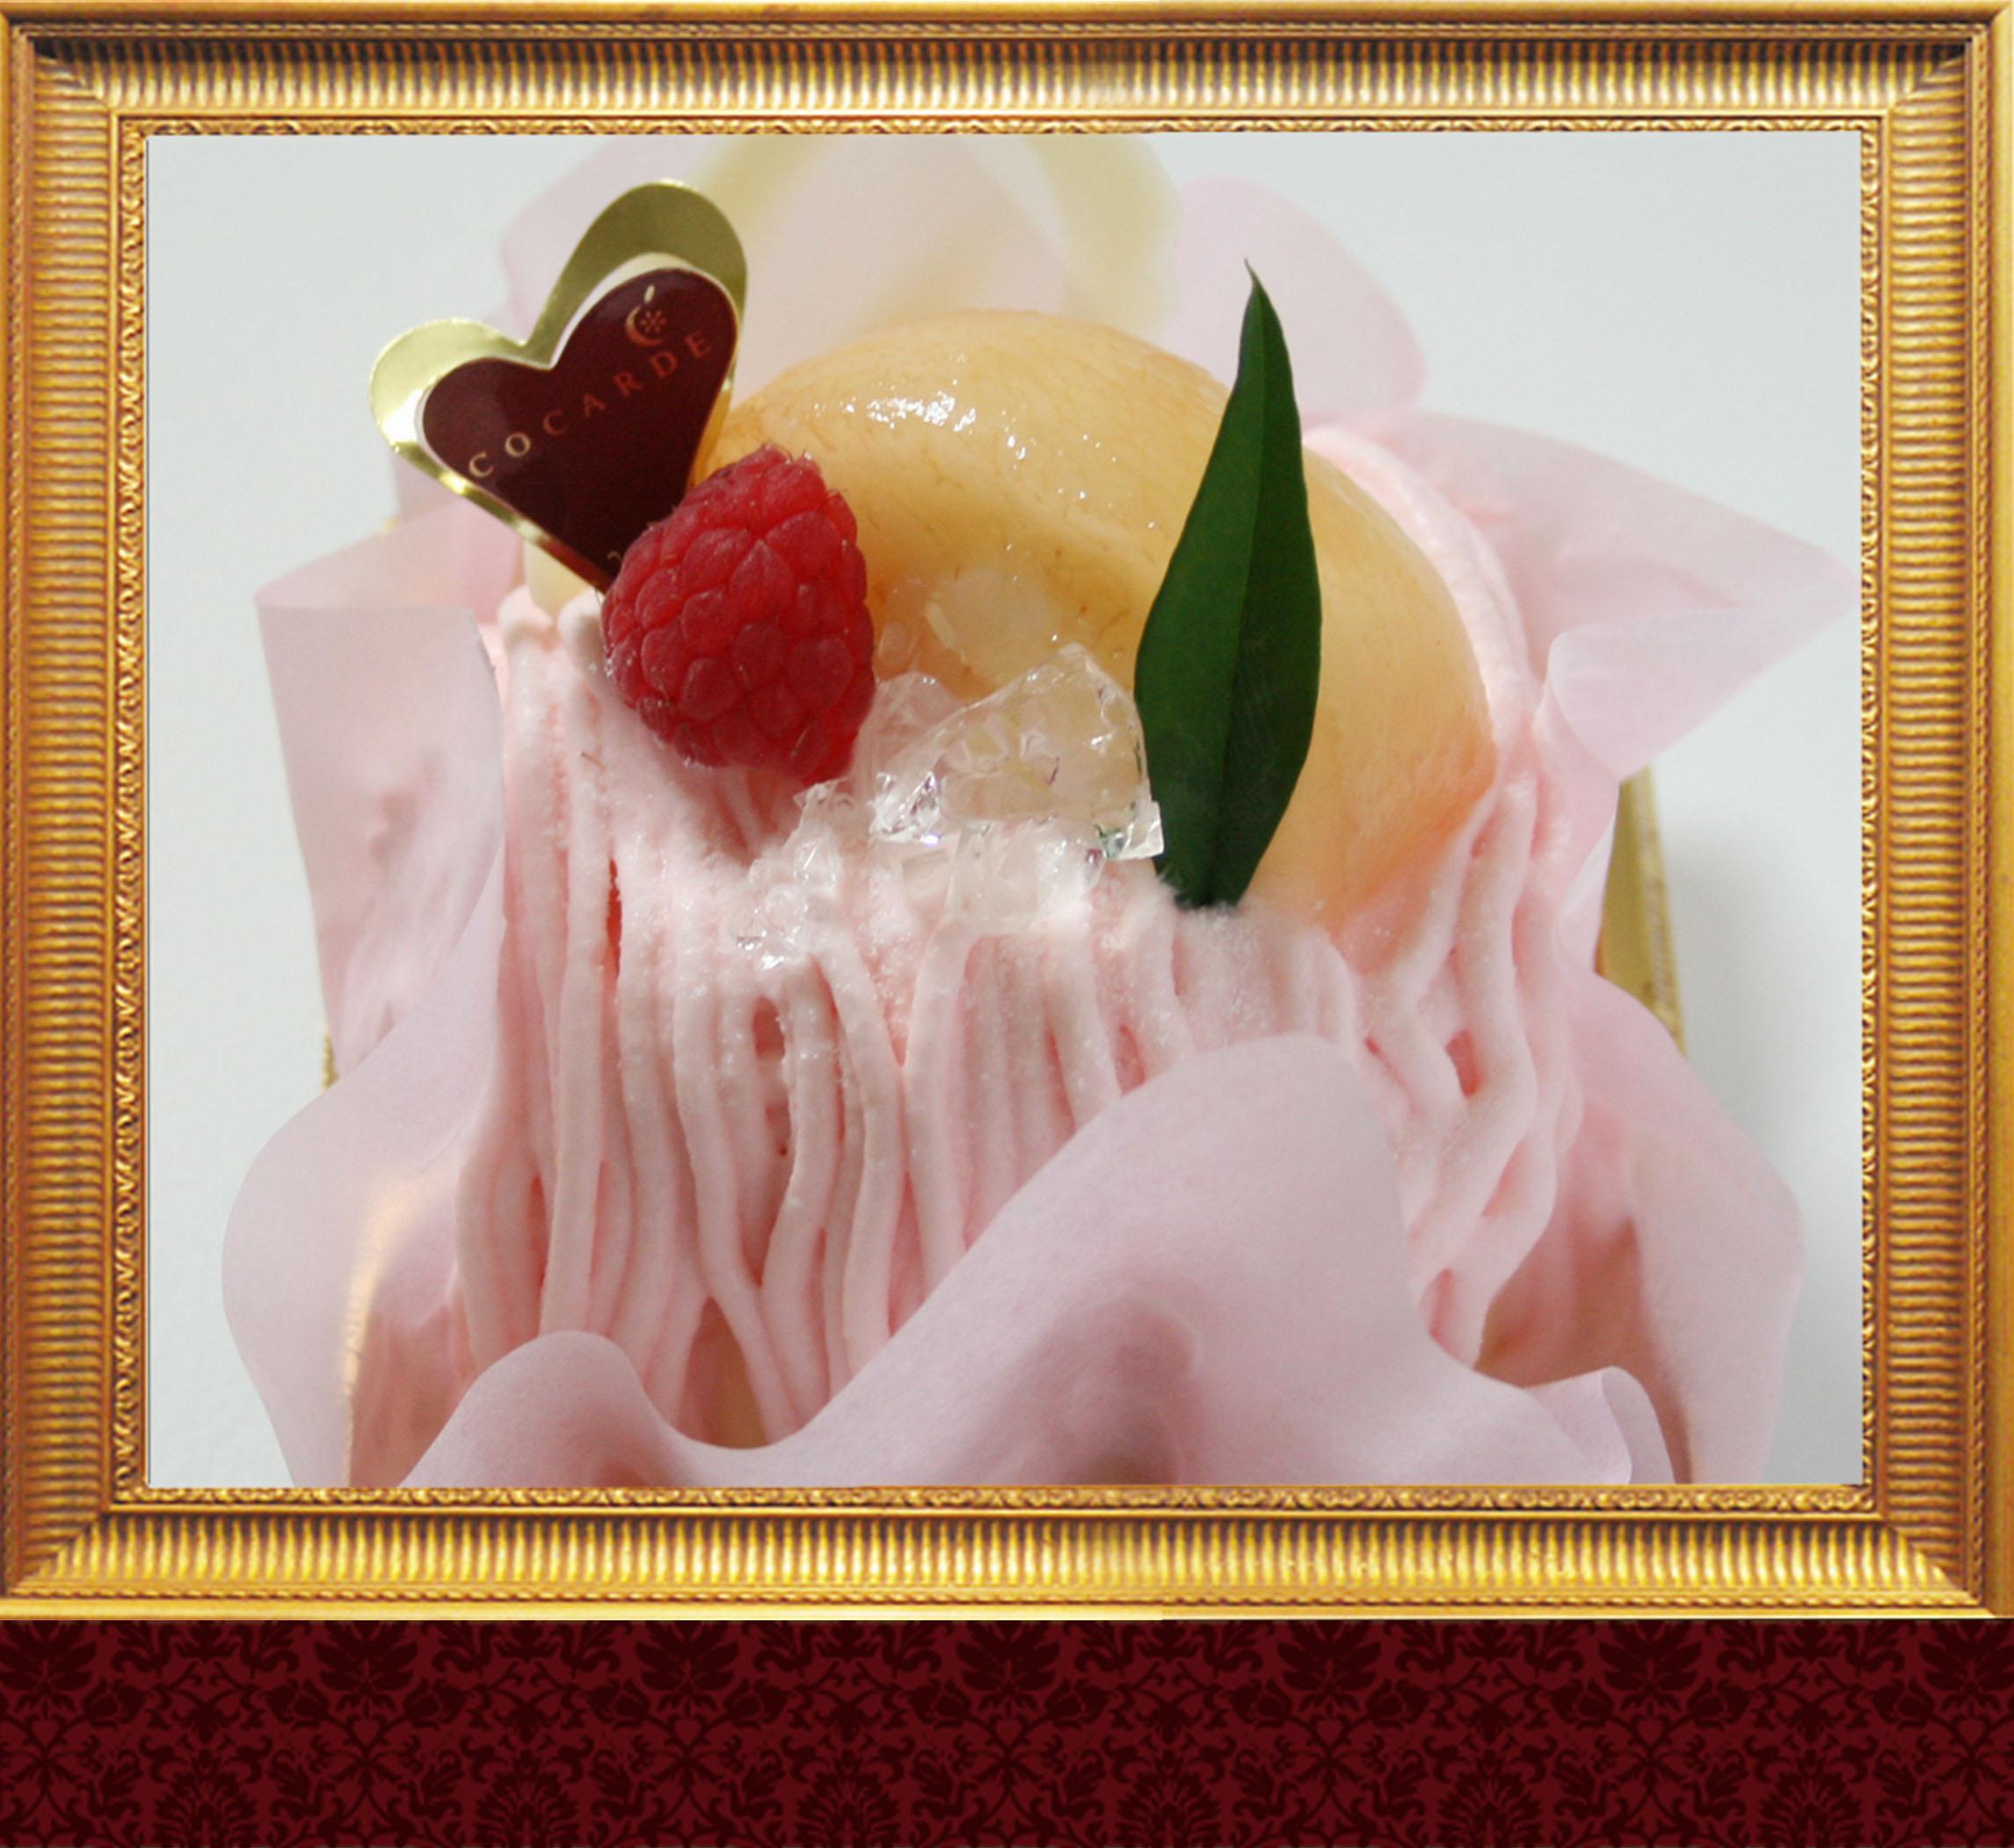 「桃のモンブラン」